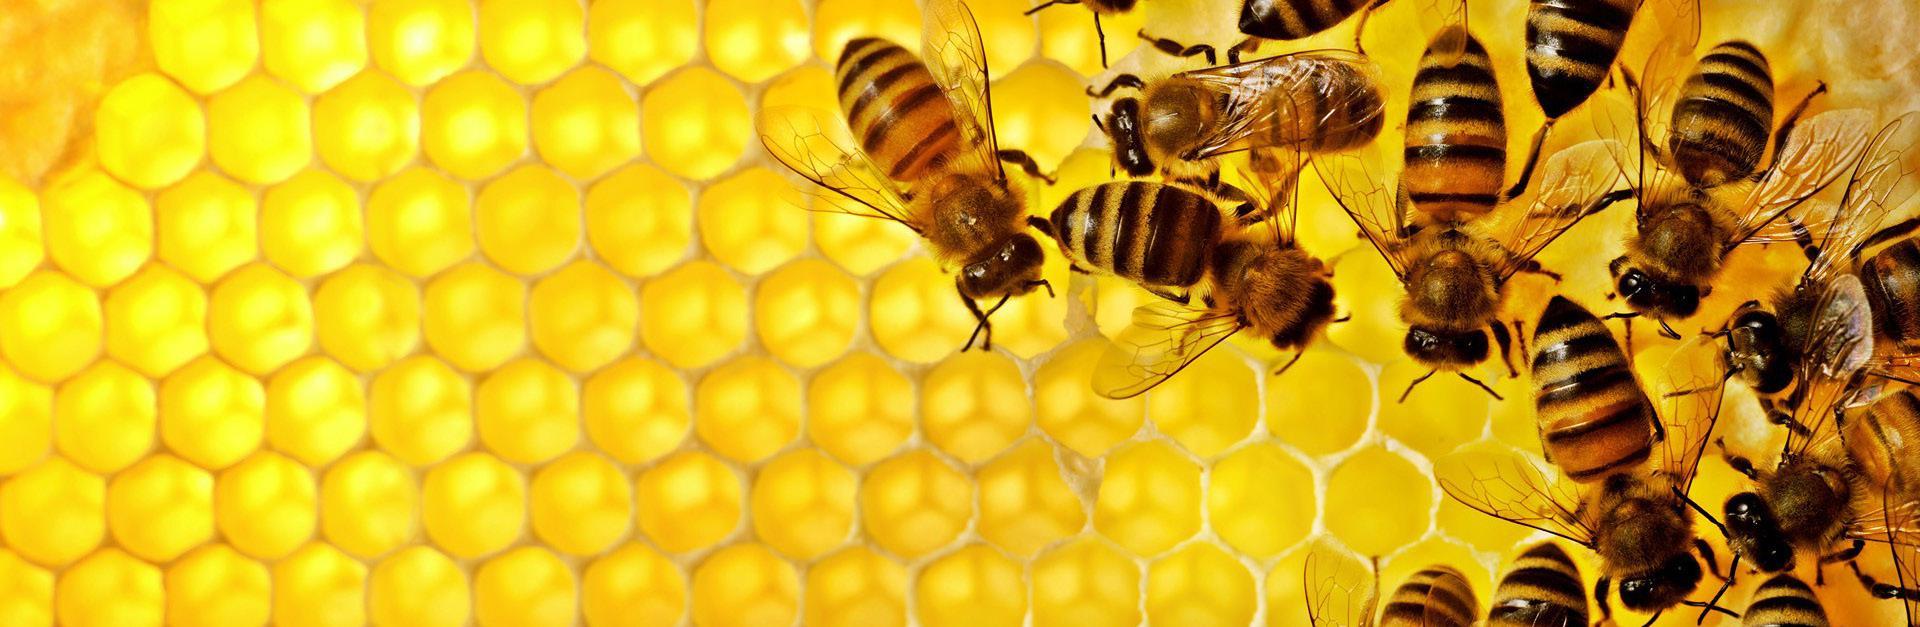 Page 8 of Pčele, vrsta pred istrebljenjem